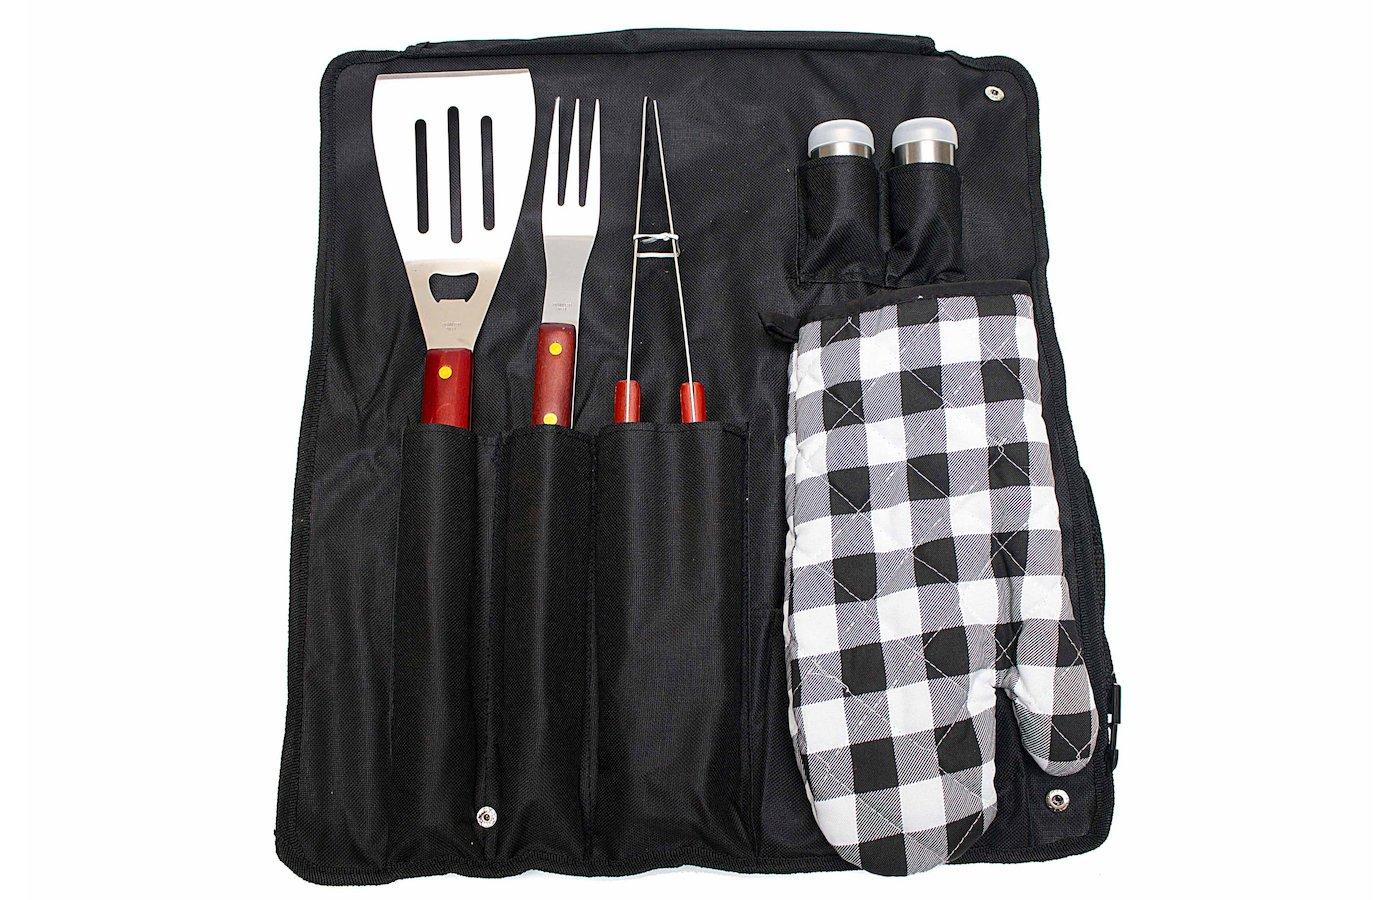 Набор для пикника EXMAKER ZDBQ-506 набор для барбекю 6 предметов в сумке